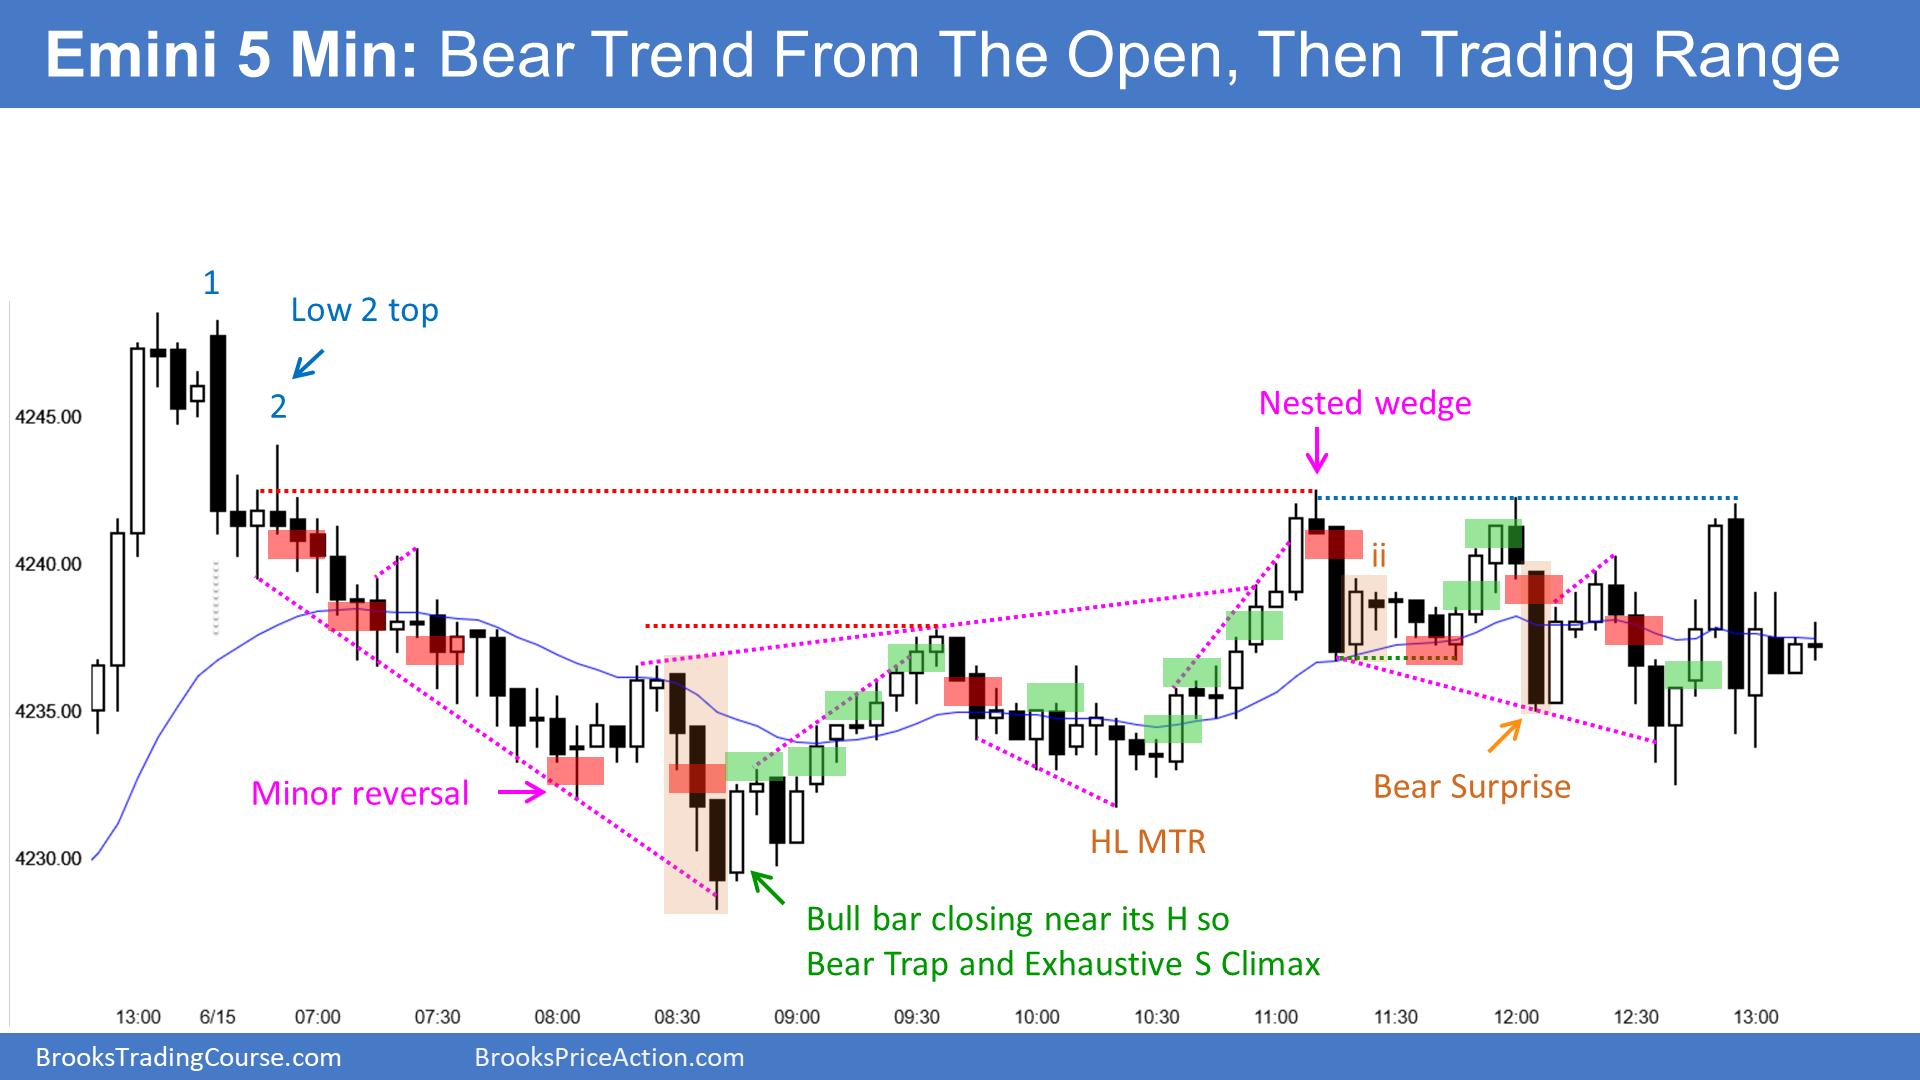 E-mini 5 Minute Bear Trend